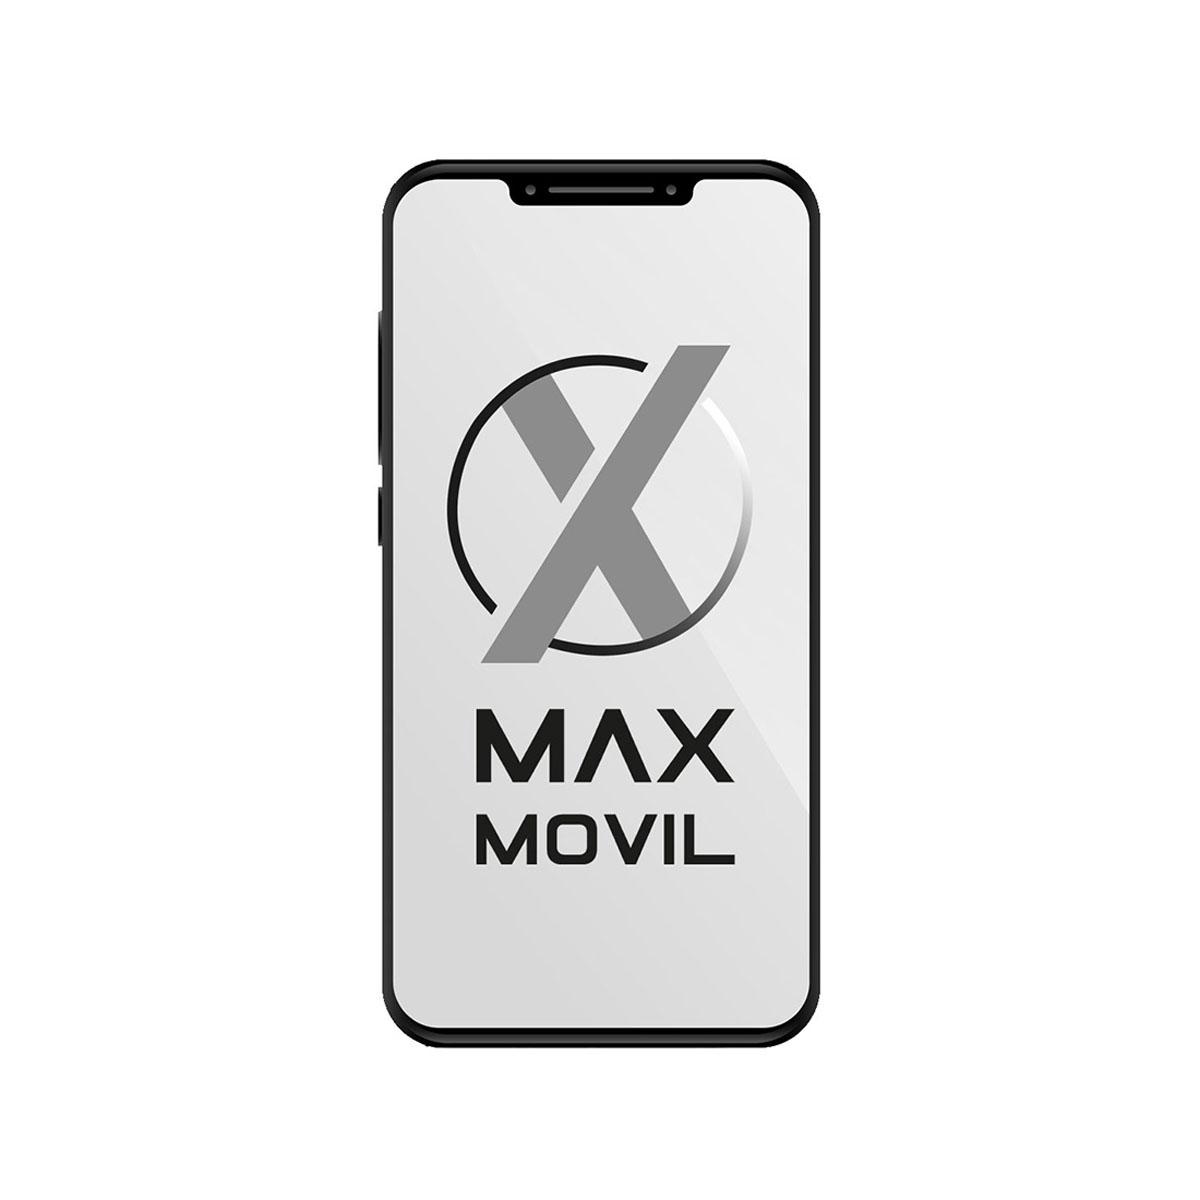 Tarjeta de memoria Sandisk microSDXC Mobile Ultra de 64 Gb